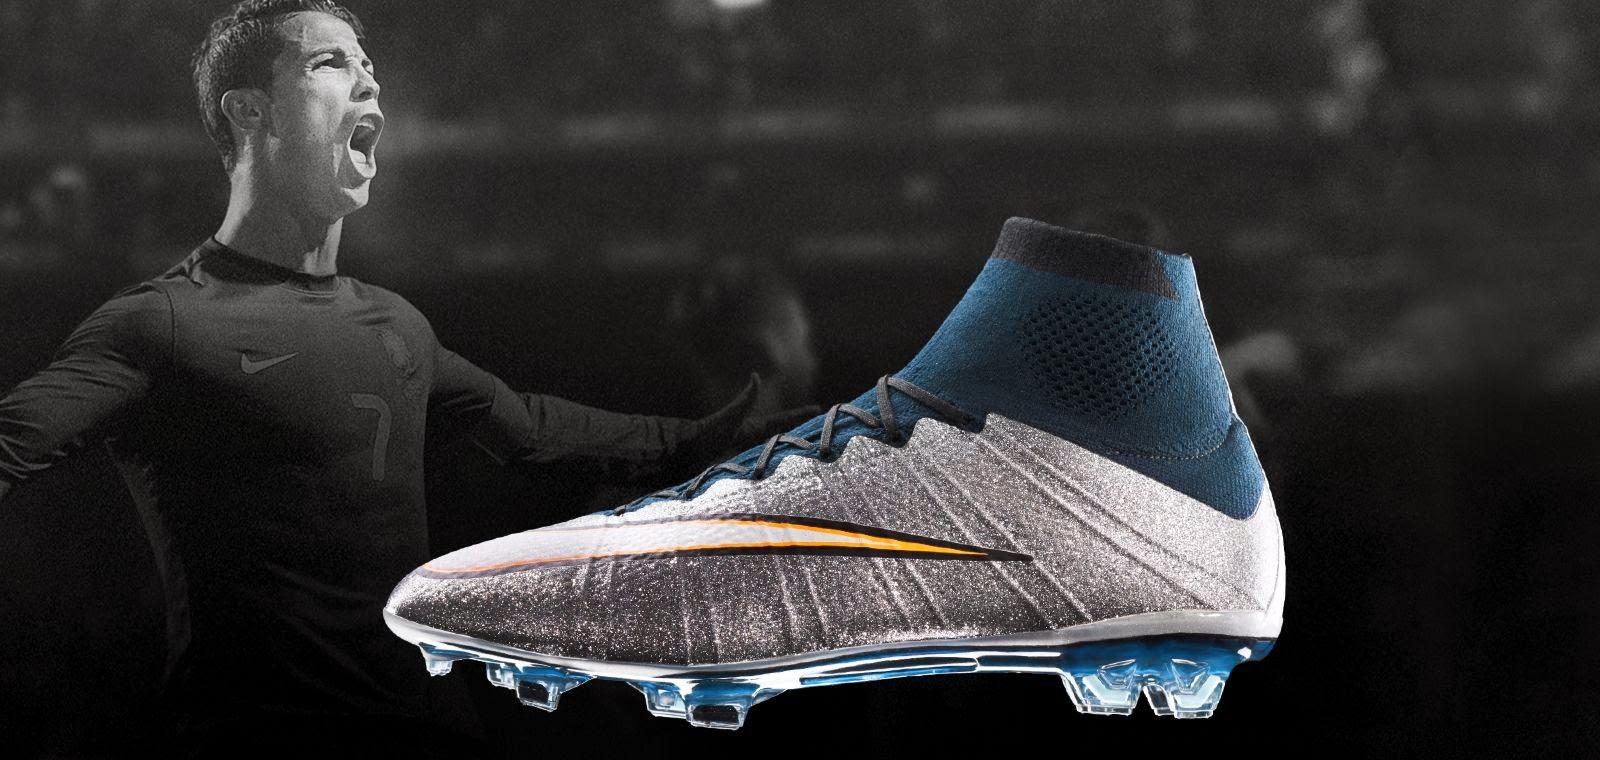 741f1d5784351 Encuentra zapatos de fútbol a buenos precios en Internet